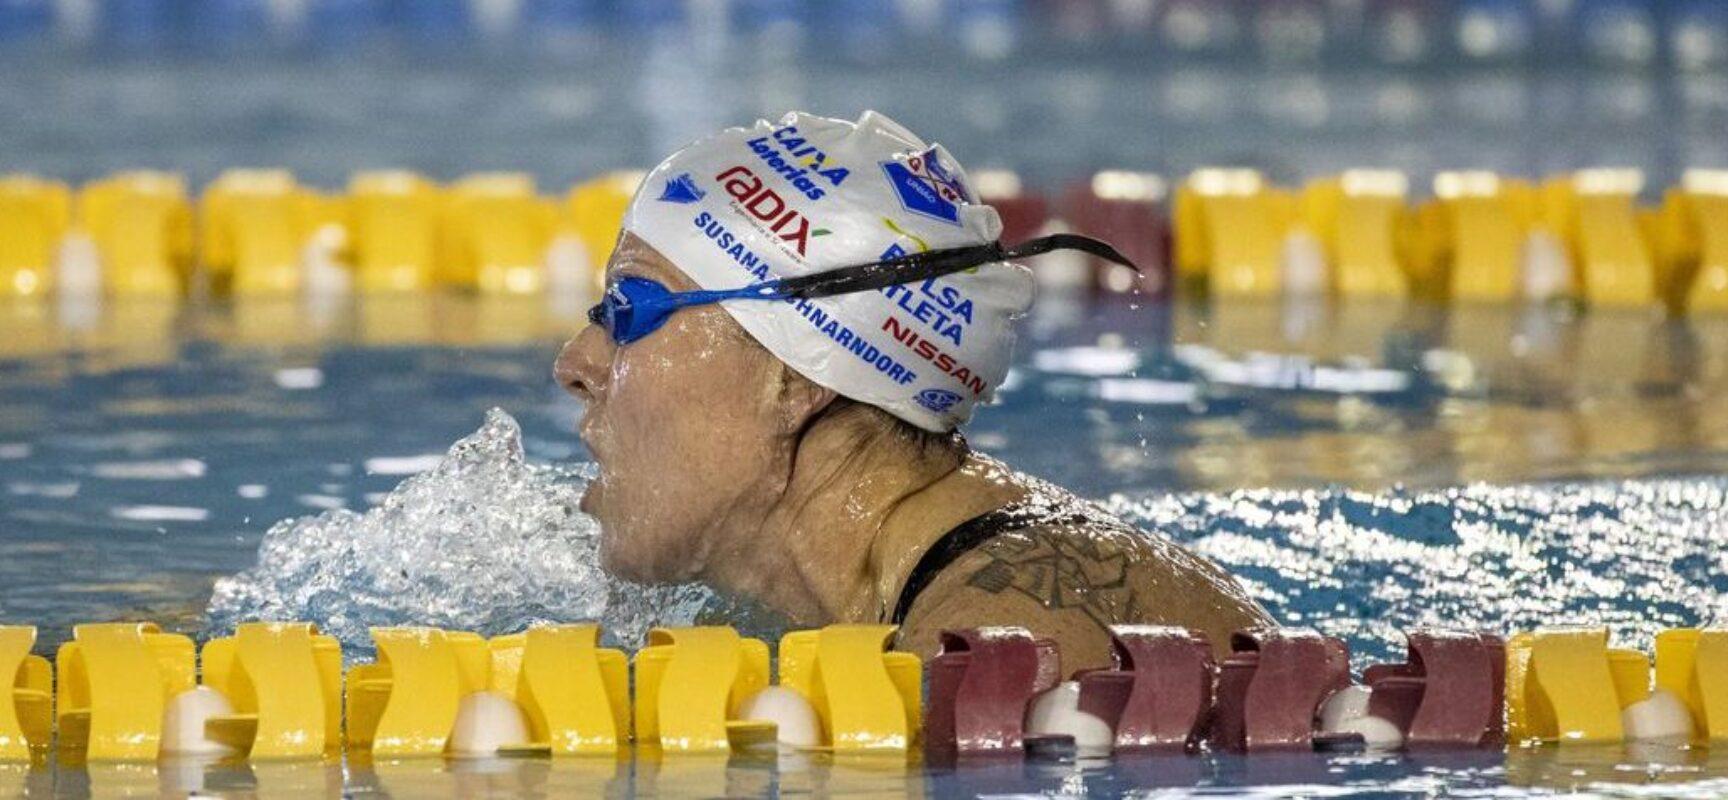 Quatro nadadores atingem marcas para Tóquio em seletiva paralímpica